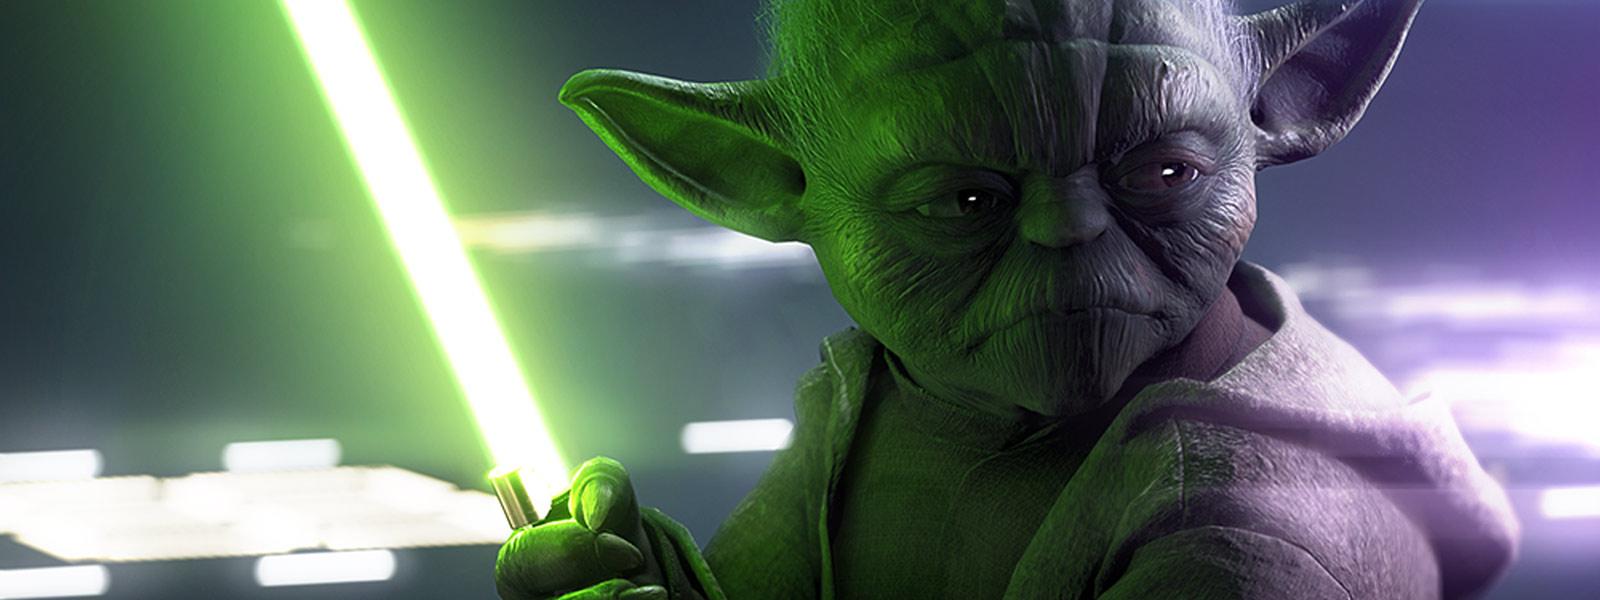 Yoda Star Card